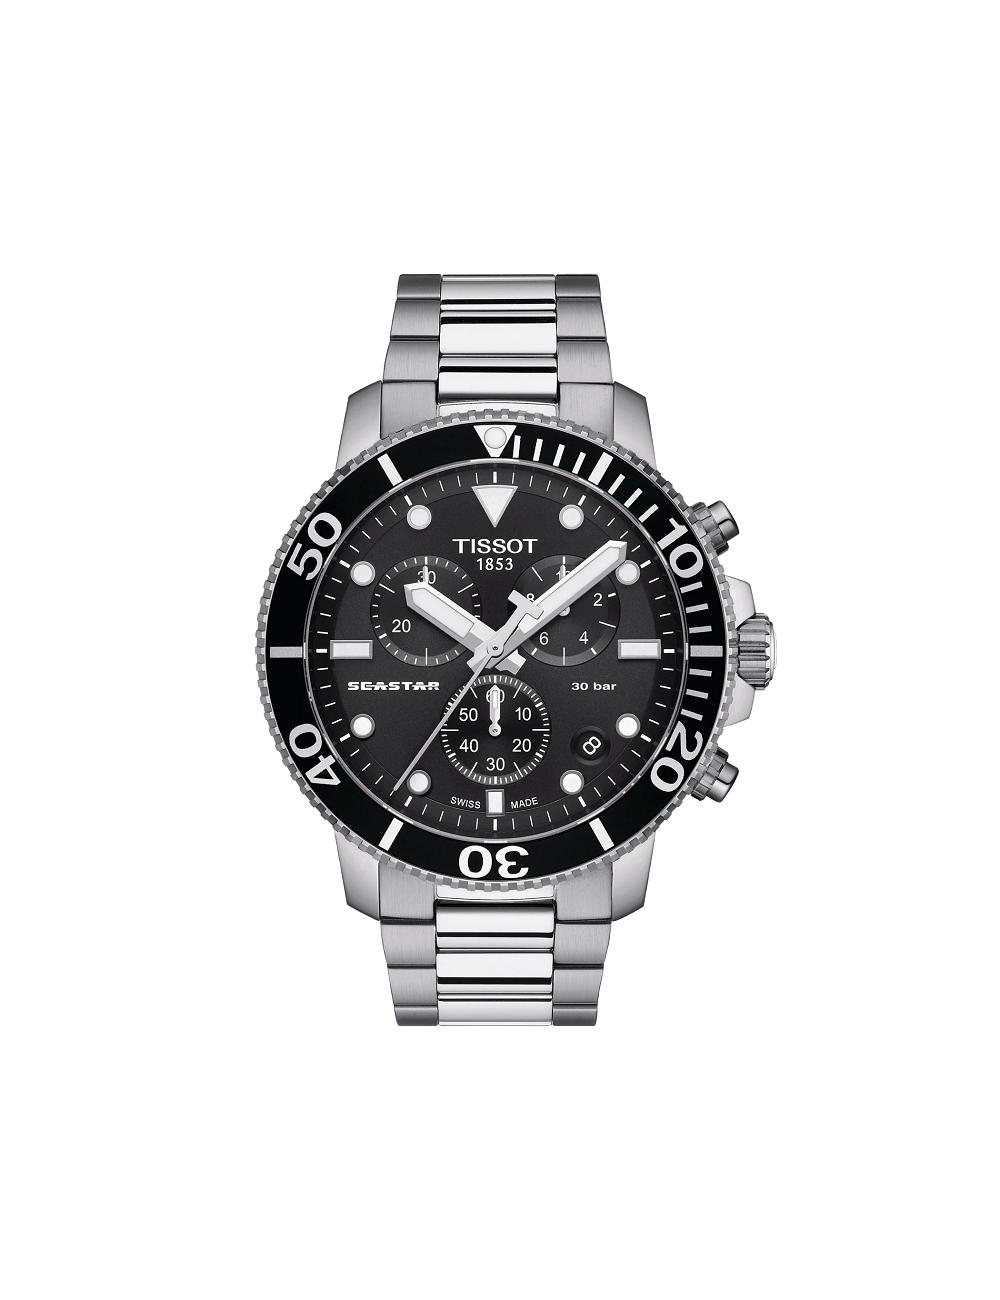 Tissot -Tissot Seastar 1000 Chronograph -T120.417.11.051.00